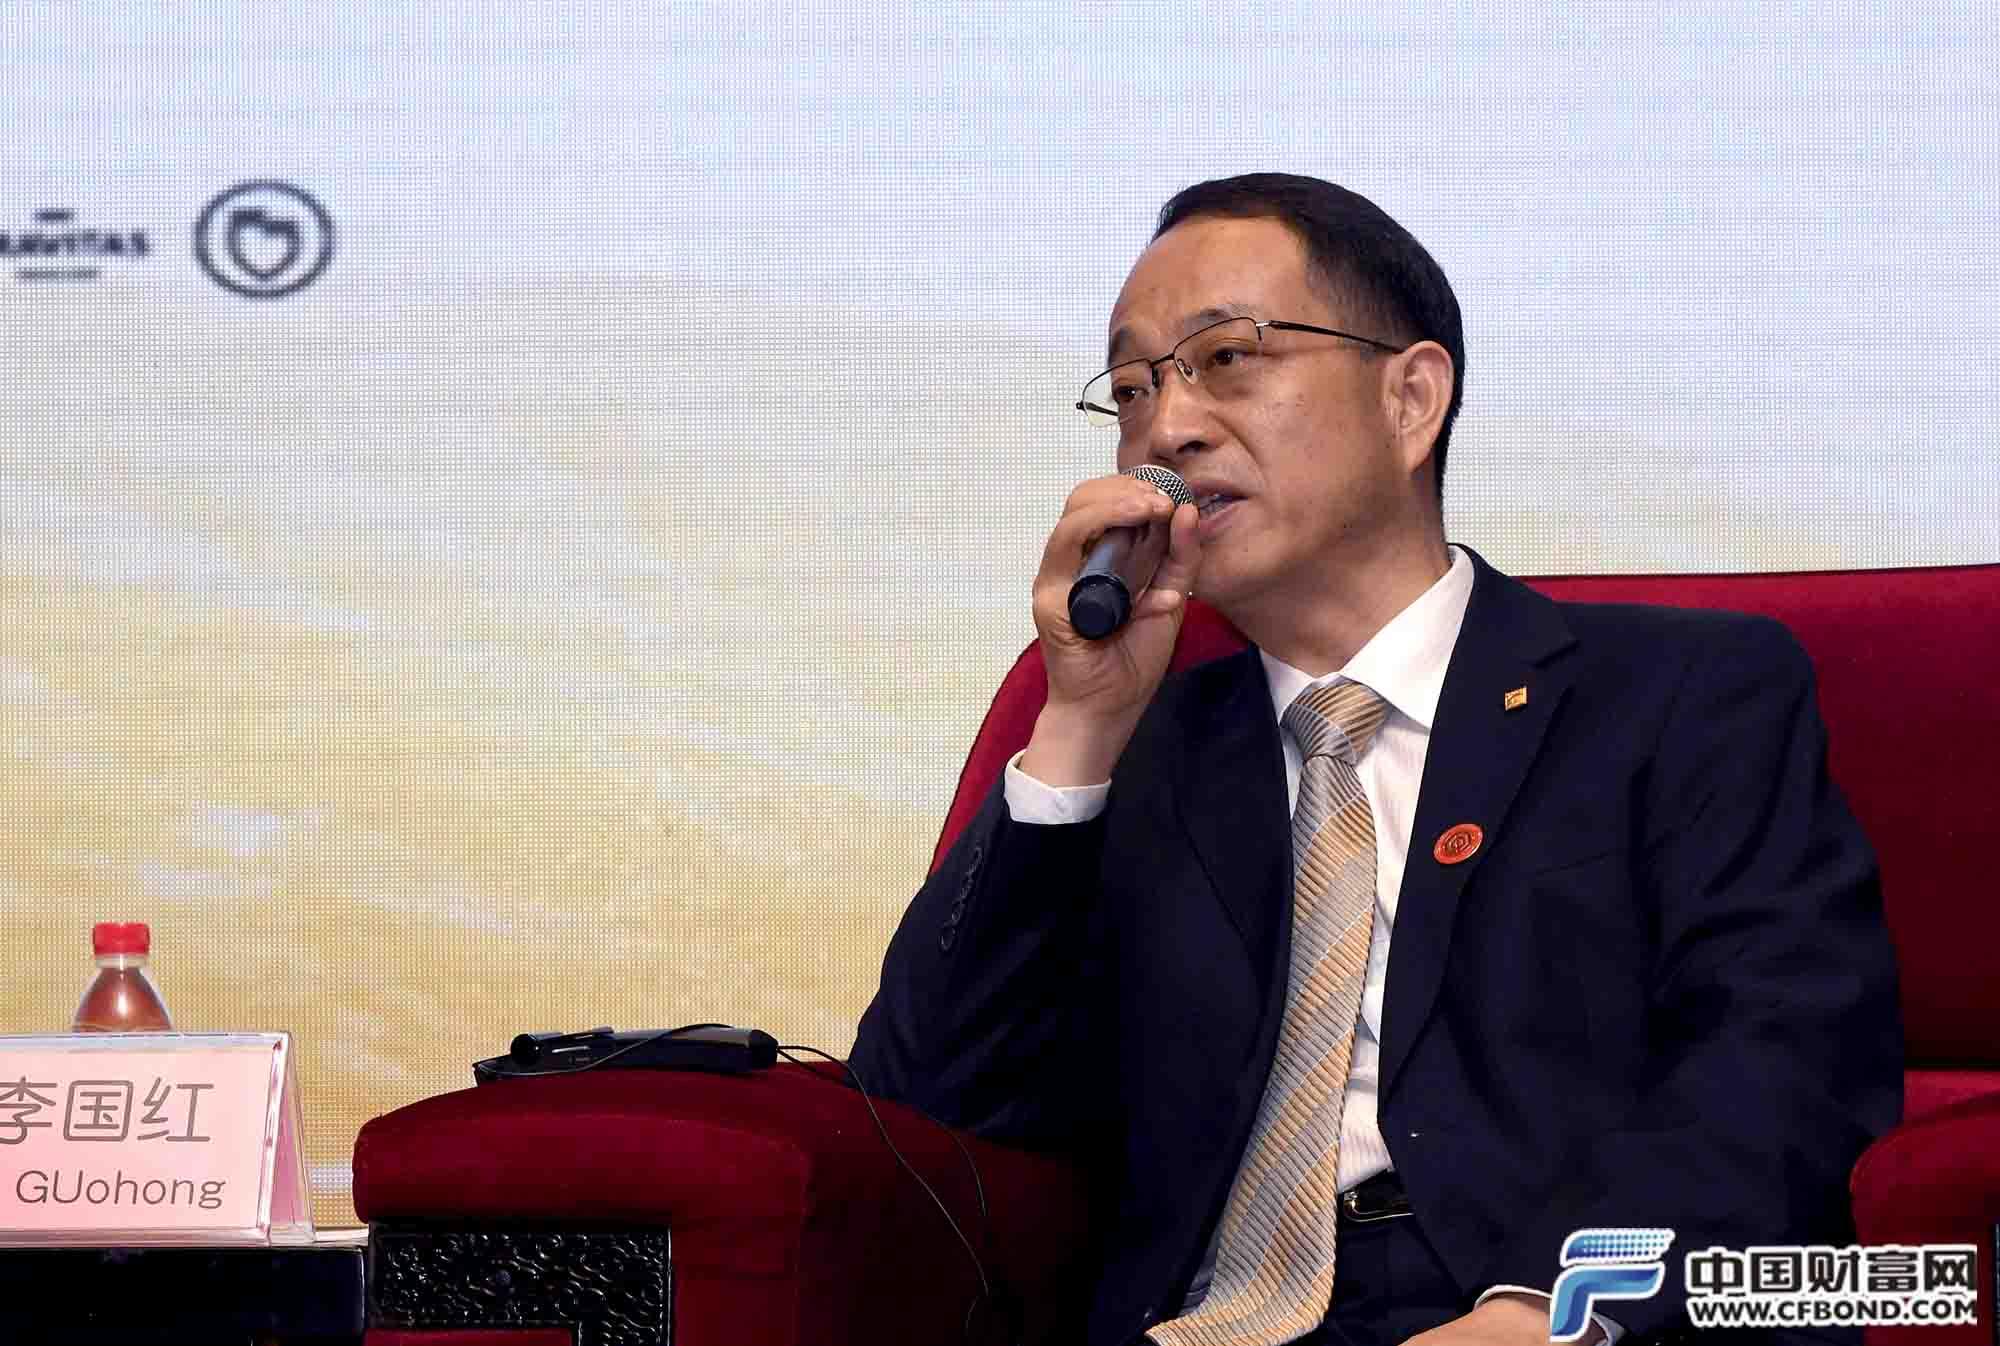 山东黄金集团总经理李国红发言